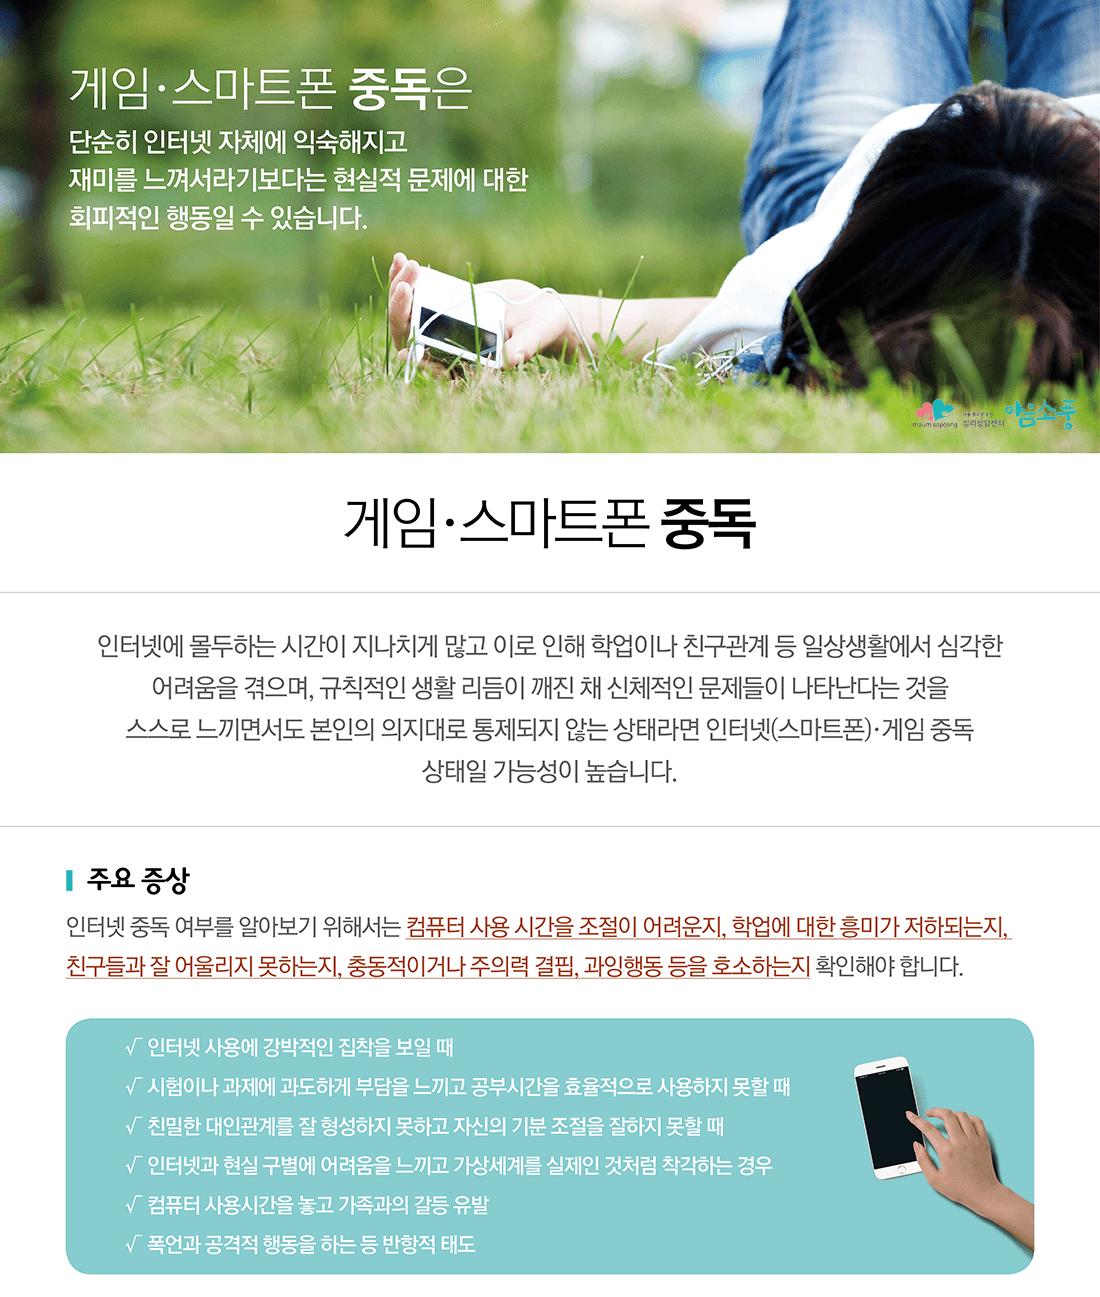 게임,스마트폰중독-아동청소년상담센터 마음소풍